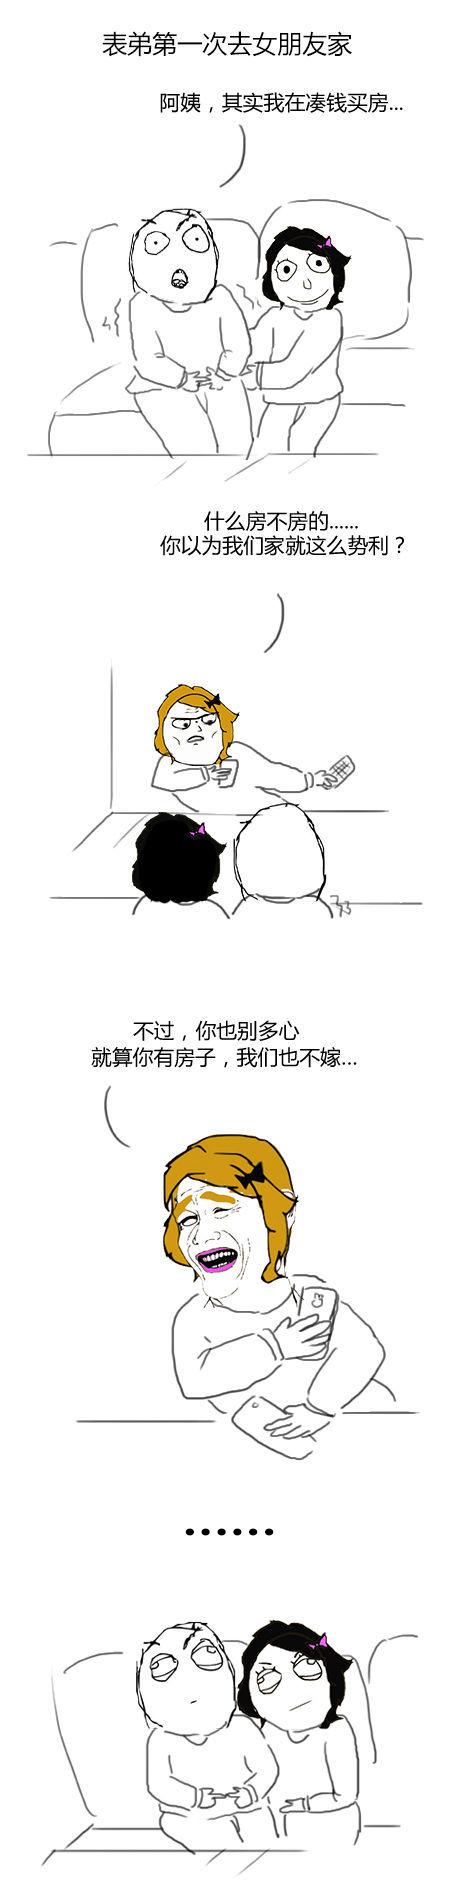 暴走漫画:禽兽!父亲竟教女儿看小电影?暴走漫画【962辑】